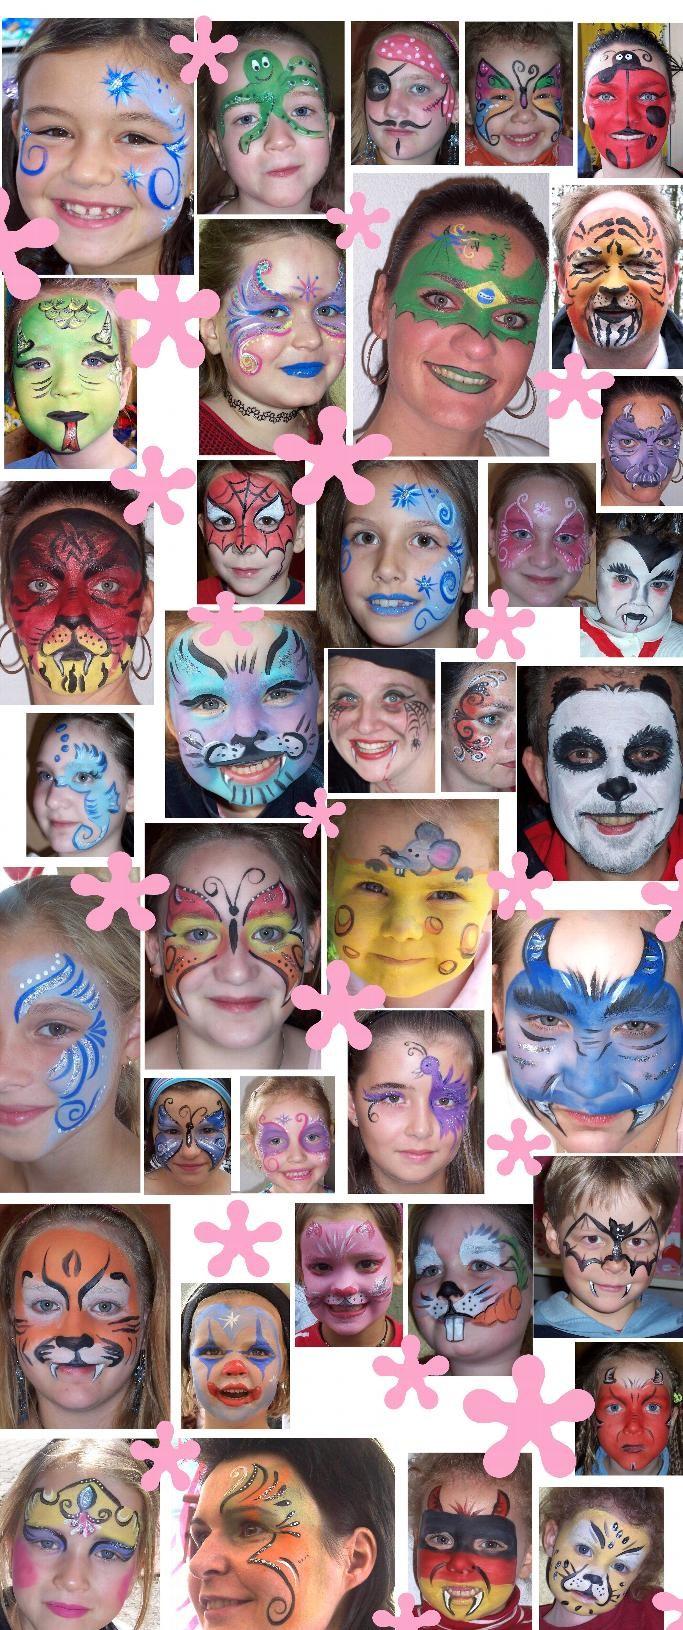 Kinderschminken in schwäbisch Gmünd, Firmenevent, Glitzer Tattoos in schwäbisch Gmünd, Tattos in schwäbisch Gmünd, Ballontiere in schwäbisch Gmünd, Ballonmodellage in Tübingen, Luftballontiere in schwäbisch Gmünd, Kinderschminken schwäbisch Gmünd